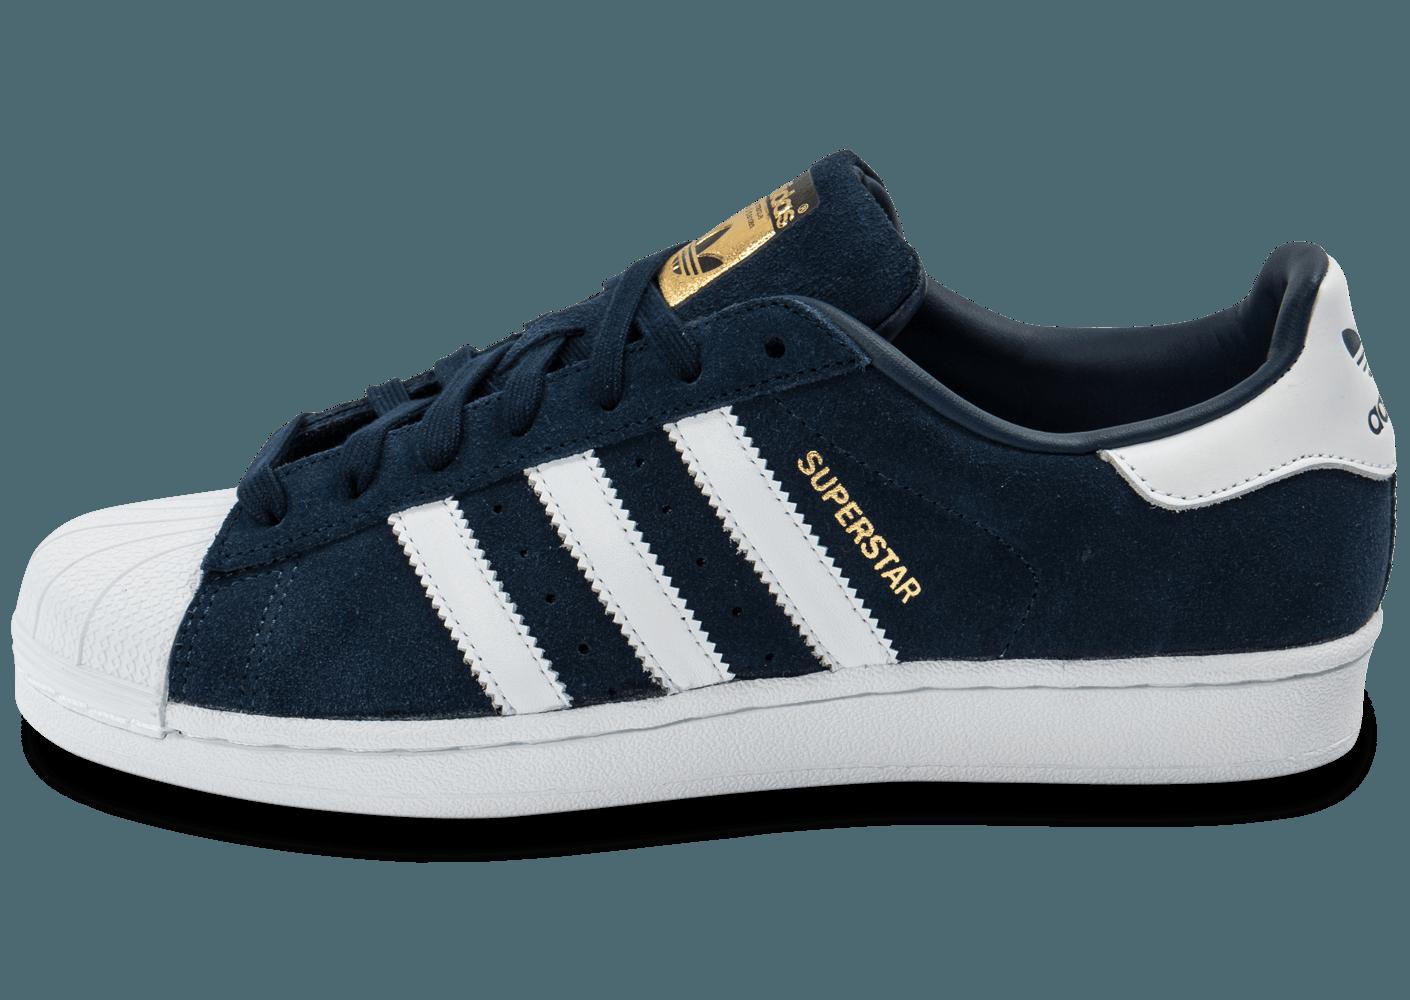 adidas superstar marine,adidas Superstar Suede bleu marine